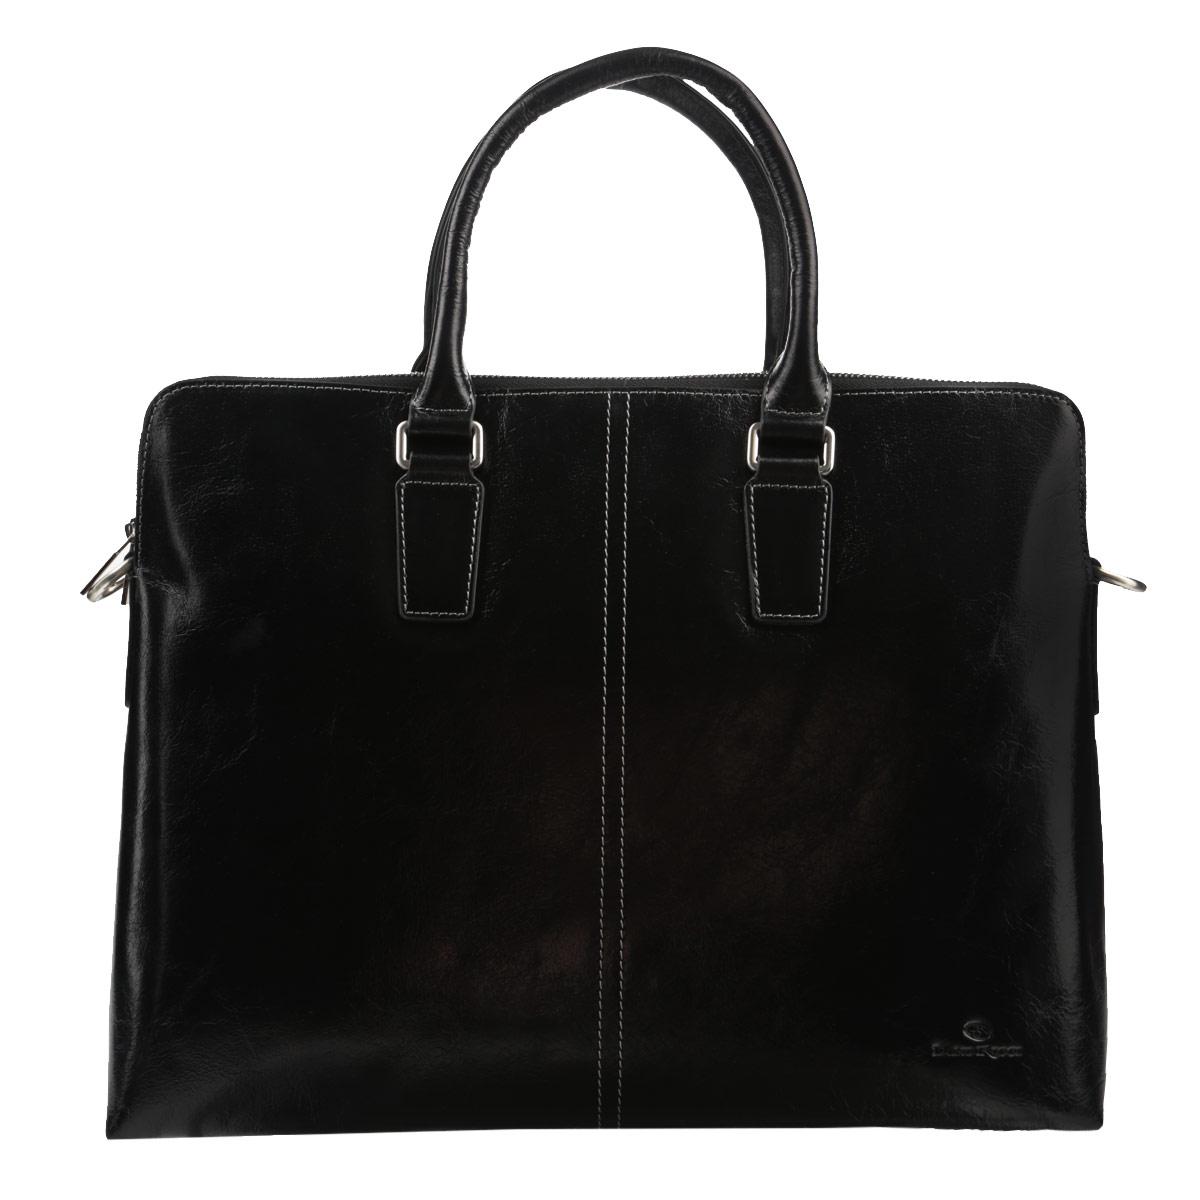 Сумка мужская Dino Ricci, цвет: черный. 1026-10-011026-10-01Изысканная мужская сумка Dino Ricci выполнена из высококачественной натуральной кожи и оформлена тисненым названием и логотипом бренда на лицевой стороне, декоративной прострочкой. В сумке два отделения, закрывающиеся на застежки-молнии. В первом отделении - два накладных кармашка для мелочей и мобильного телефона, во втором отделении - врезной карман на застежке-молнии. На обратной стороне сумки расположен врезной карман на молнии. Сумка оснащена съемным плечевым ремнем регулируемой длины. Изделие упаковано в фирменный чехол. Классическое цветовое сочетание, стильный декор, модный дизайн - прекрасное дополнение к гардеробу каждого мужчины.